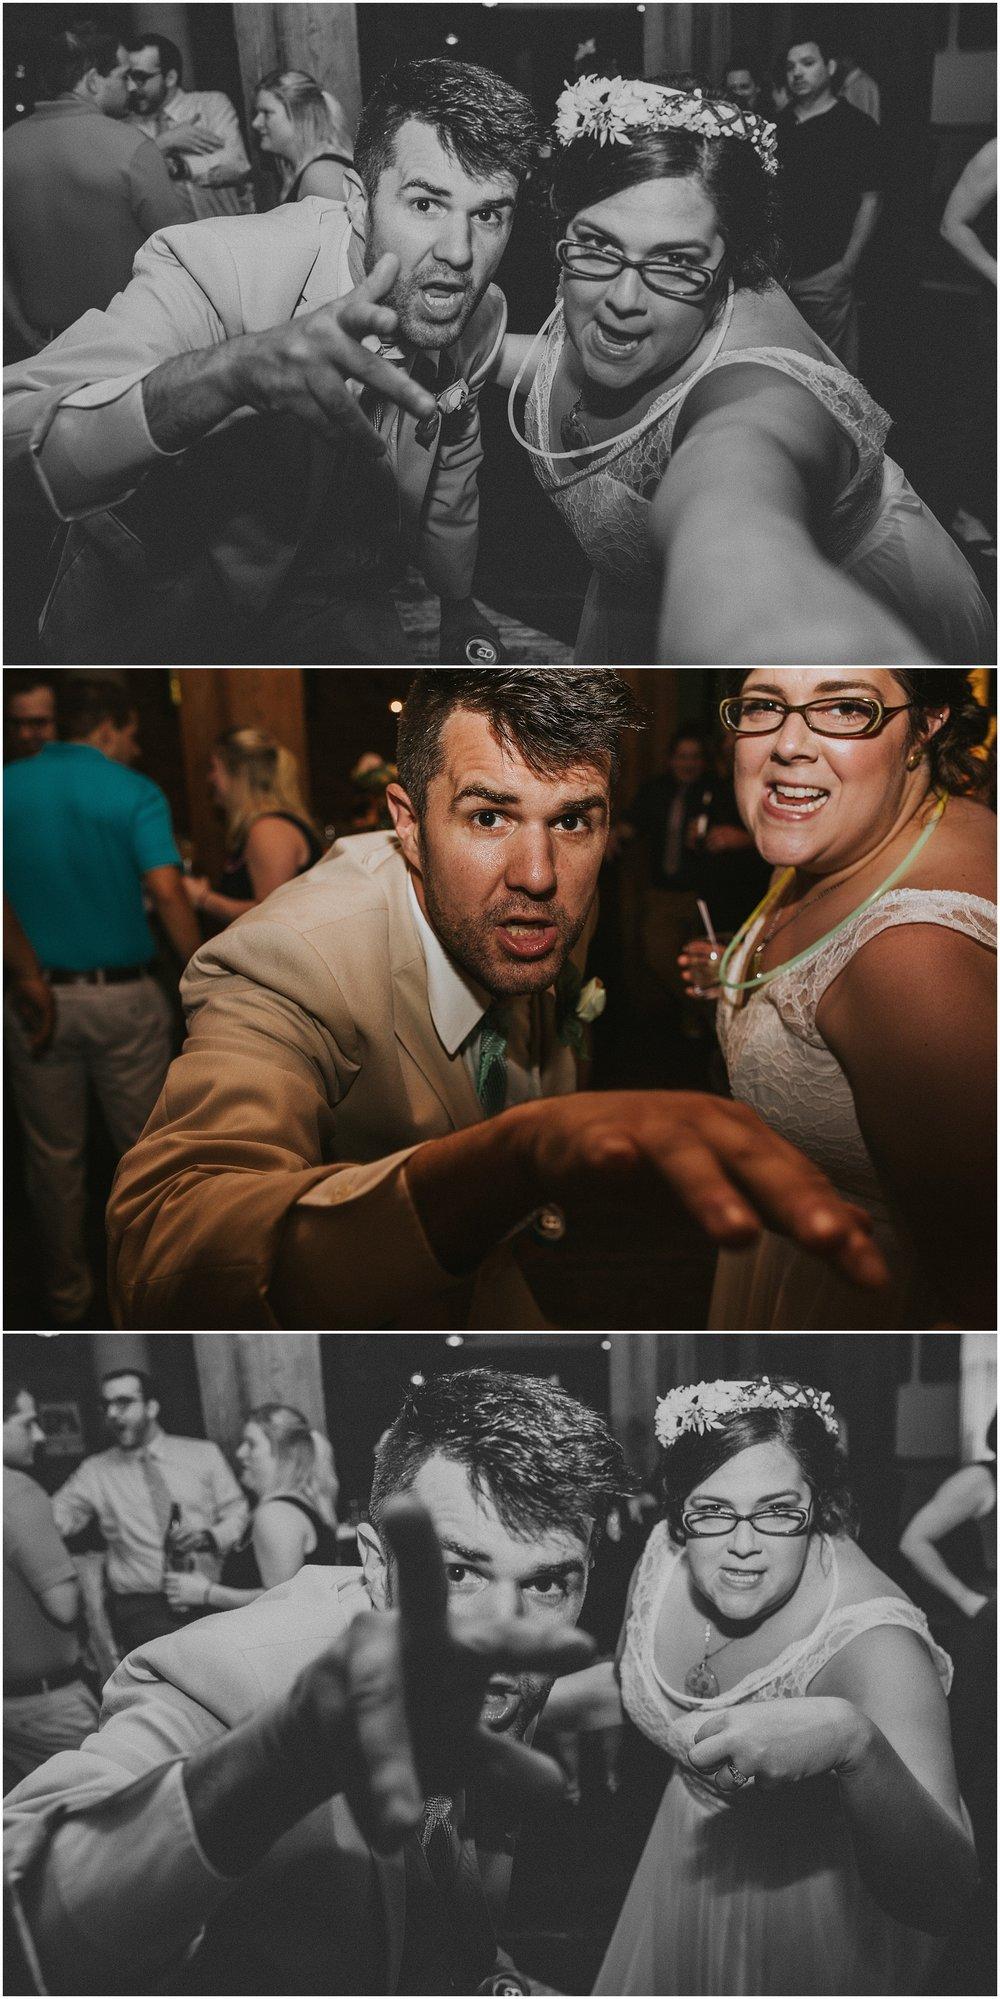 Reading-Pennsylvania-Outdoor-Wedding-DIY-Bride-Groom-Dancing-Laughter-Reception (76).jpg